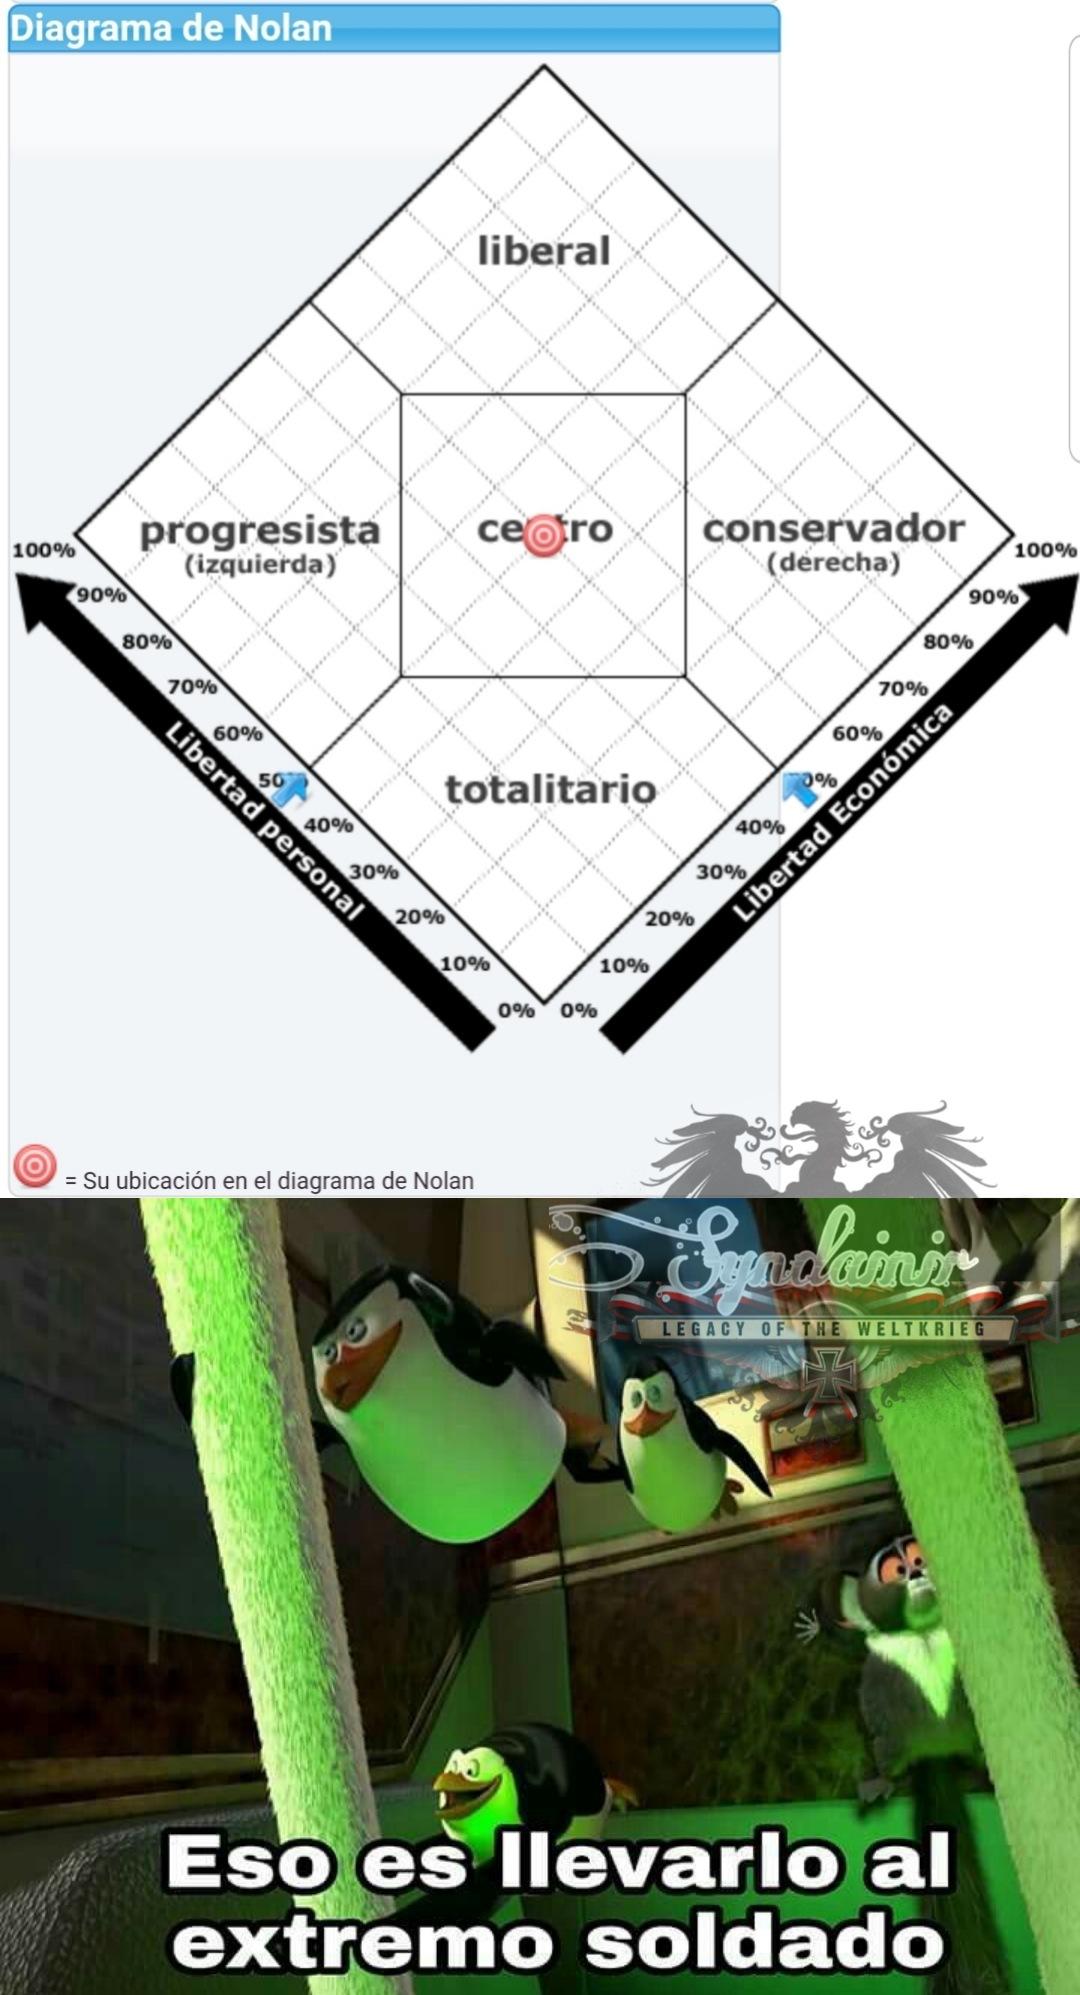 Mis resultados del diagrama de Nolan - meme